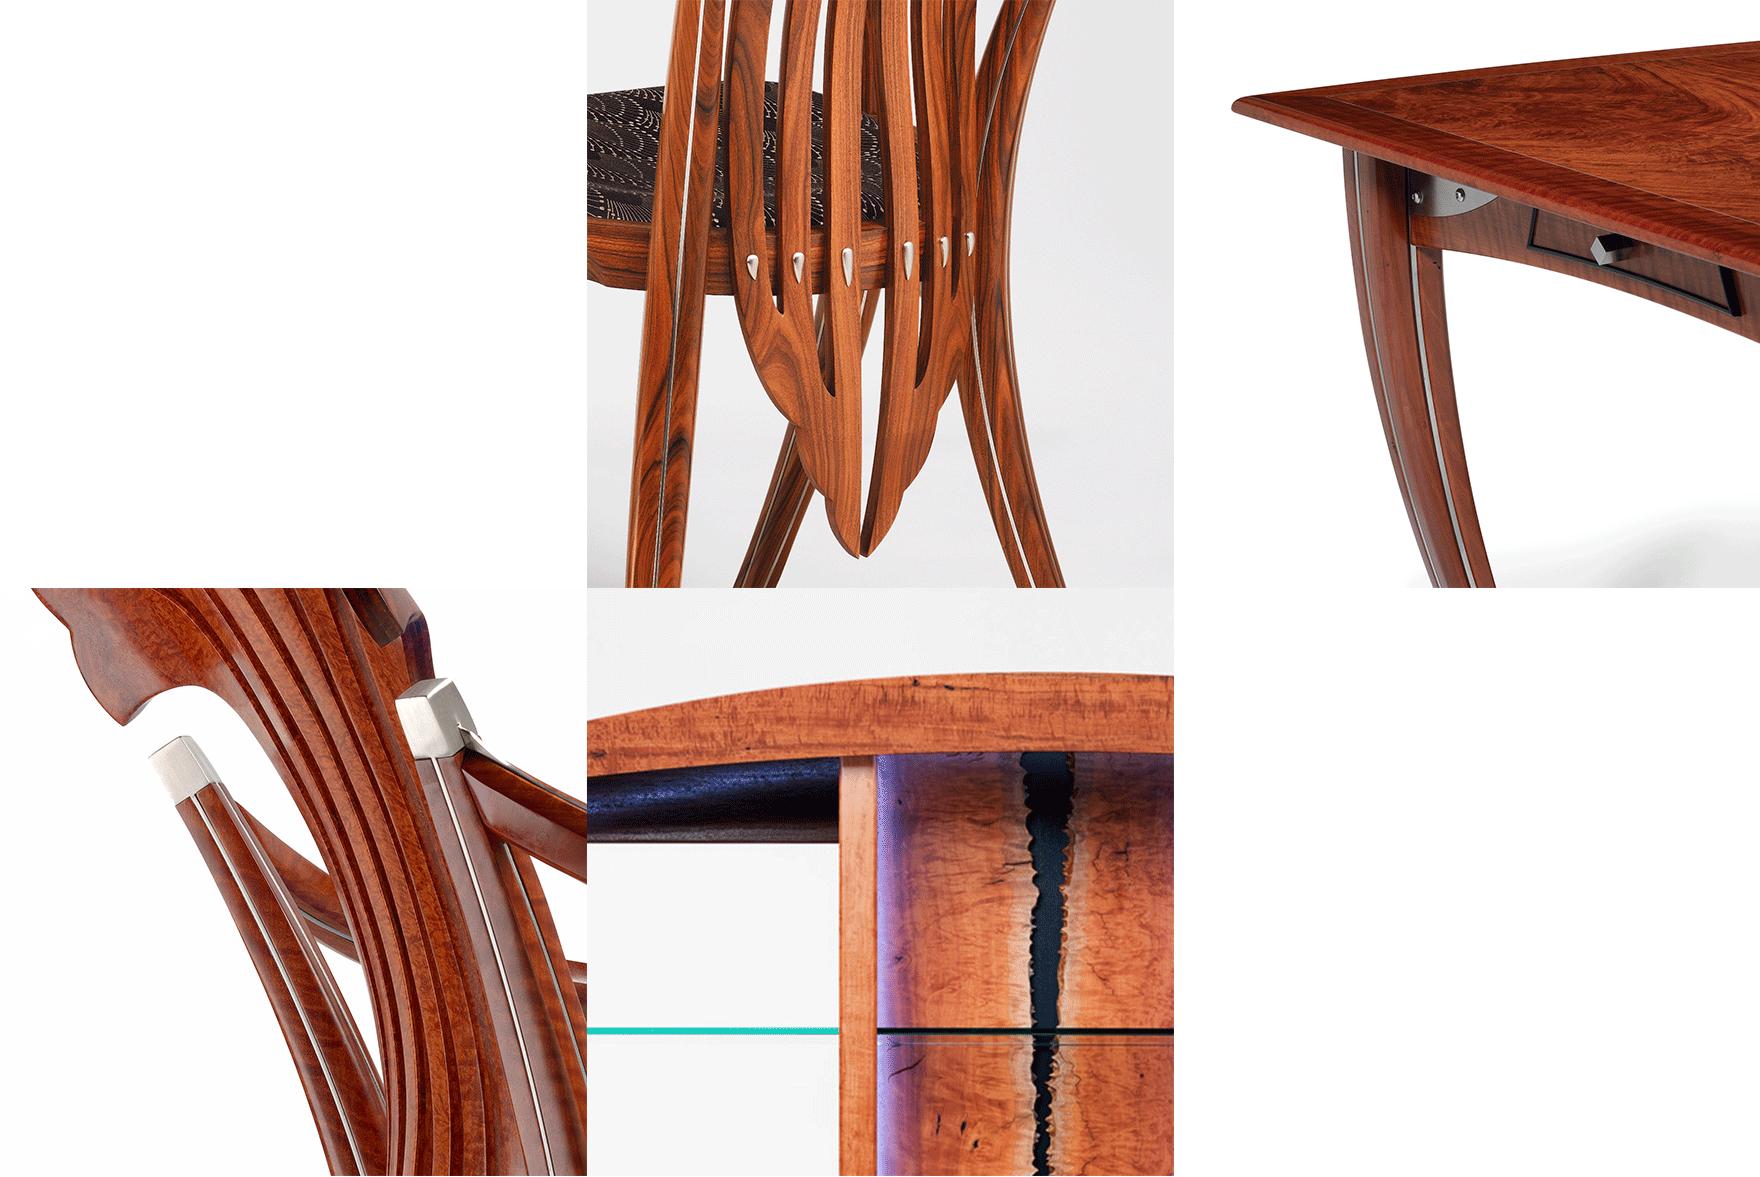 Furniture detail montage by designer maker Gray Hawk